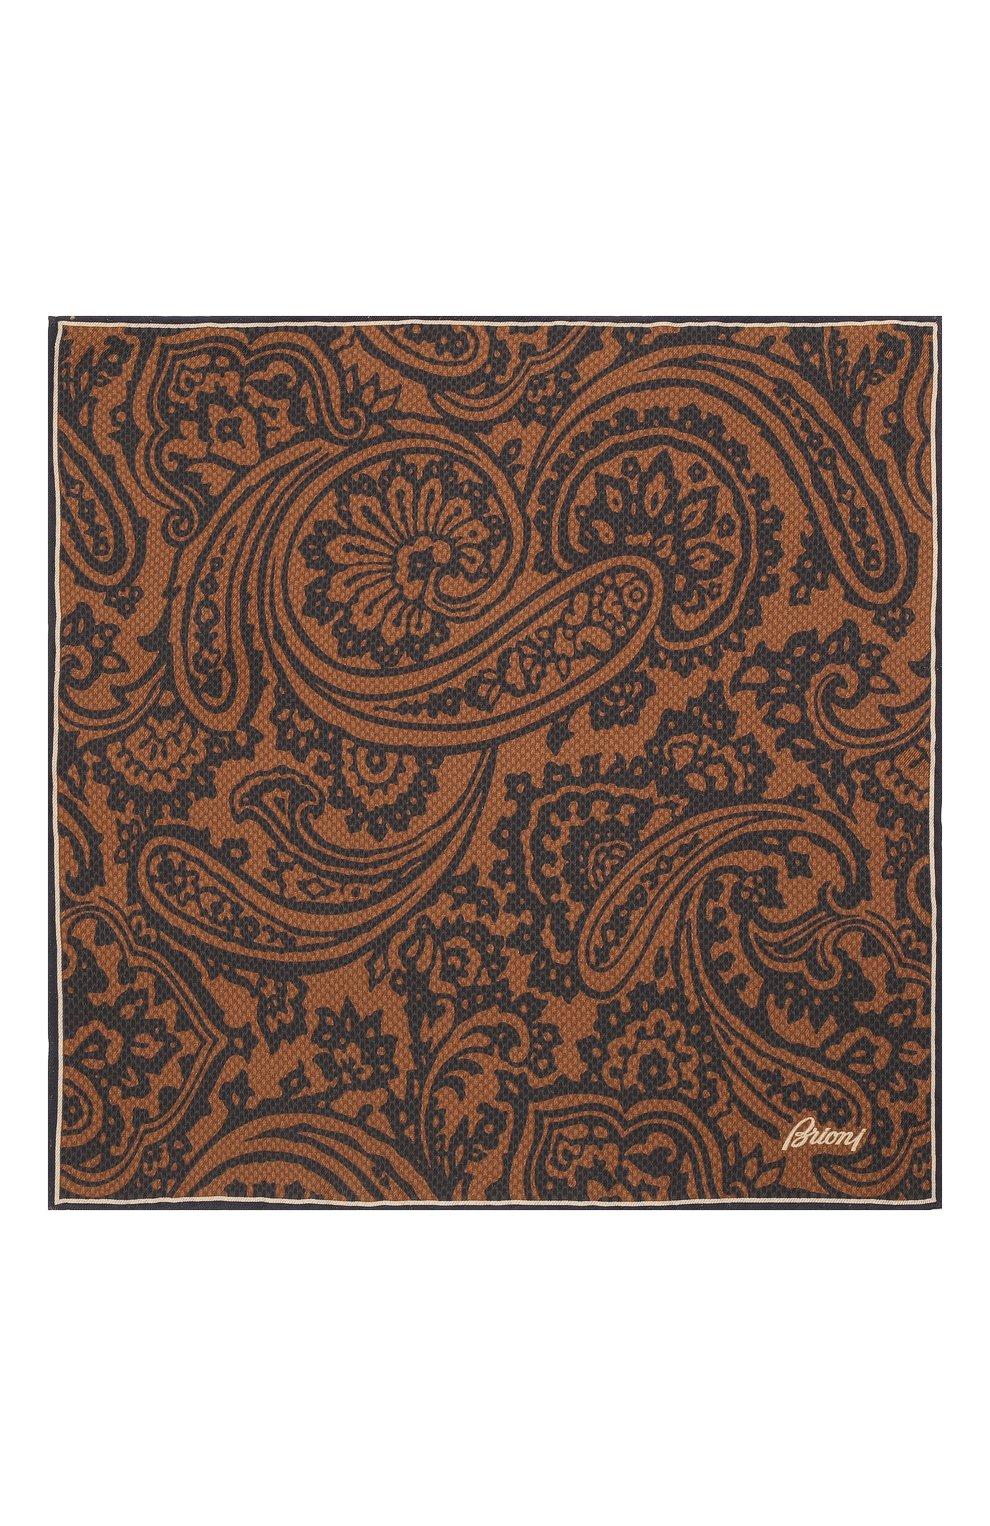 Мужской шелковый платок BRIONI коричневого цвета, арт. 071000/01439   Фото 3 (Материал: Текстиль, Шелк)